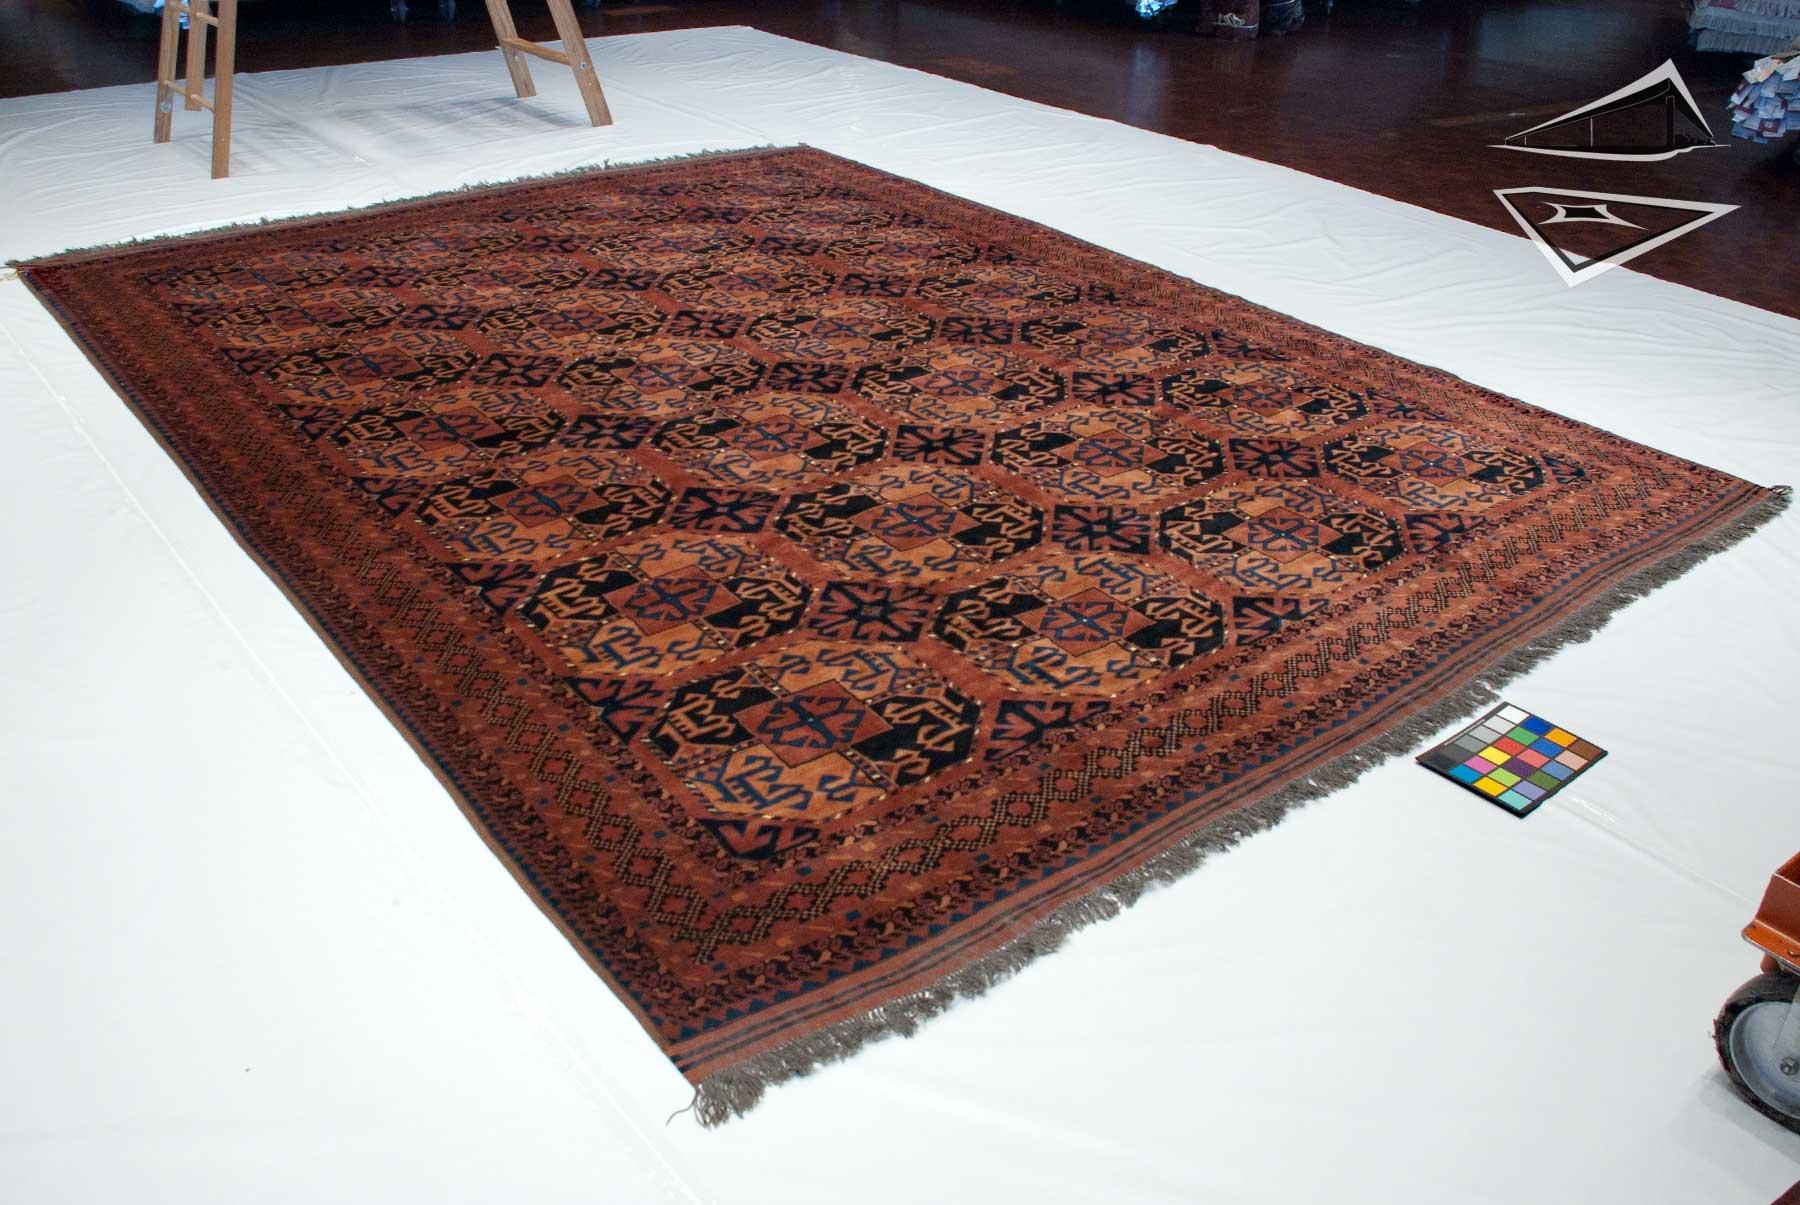 afghan taghan square rug 10 39 x 12 39. Black Bedroom Furniture Sets. Home Design Ideas